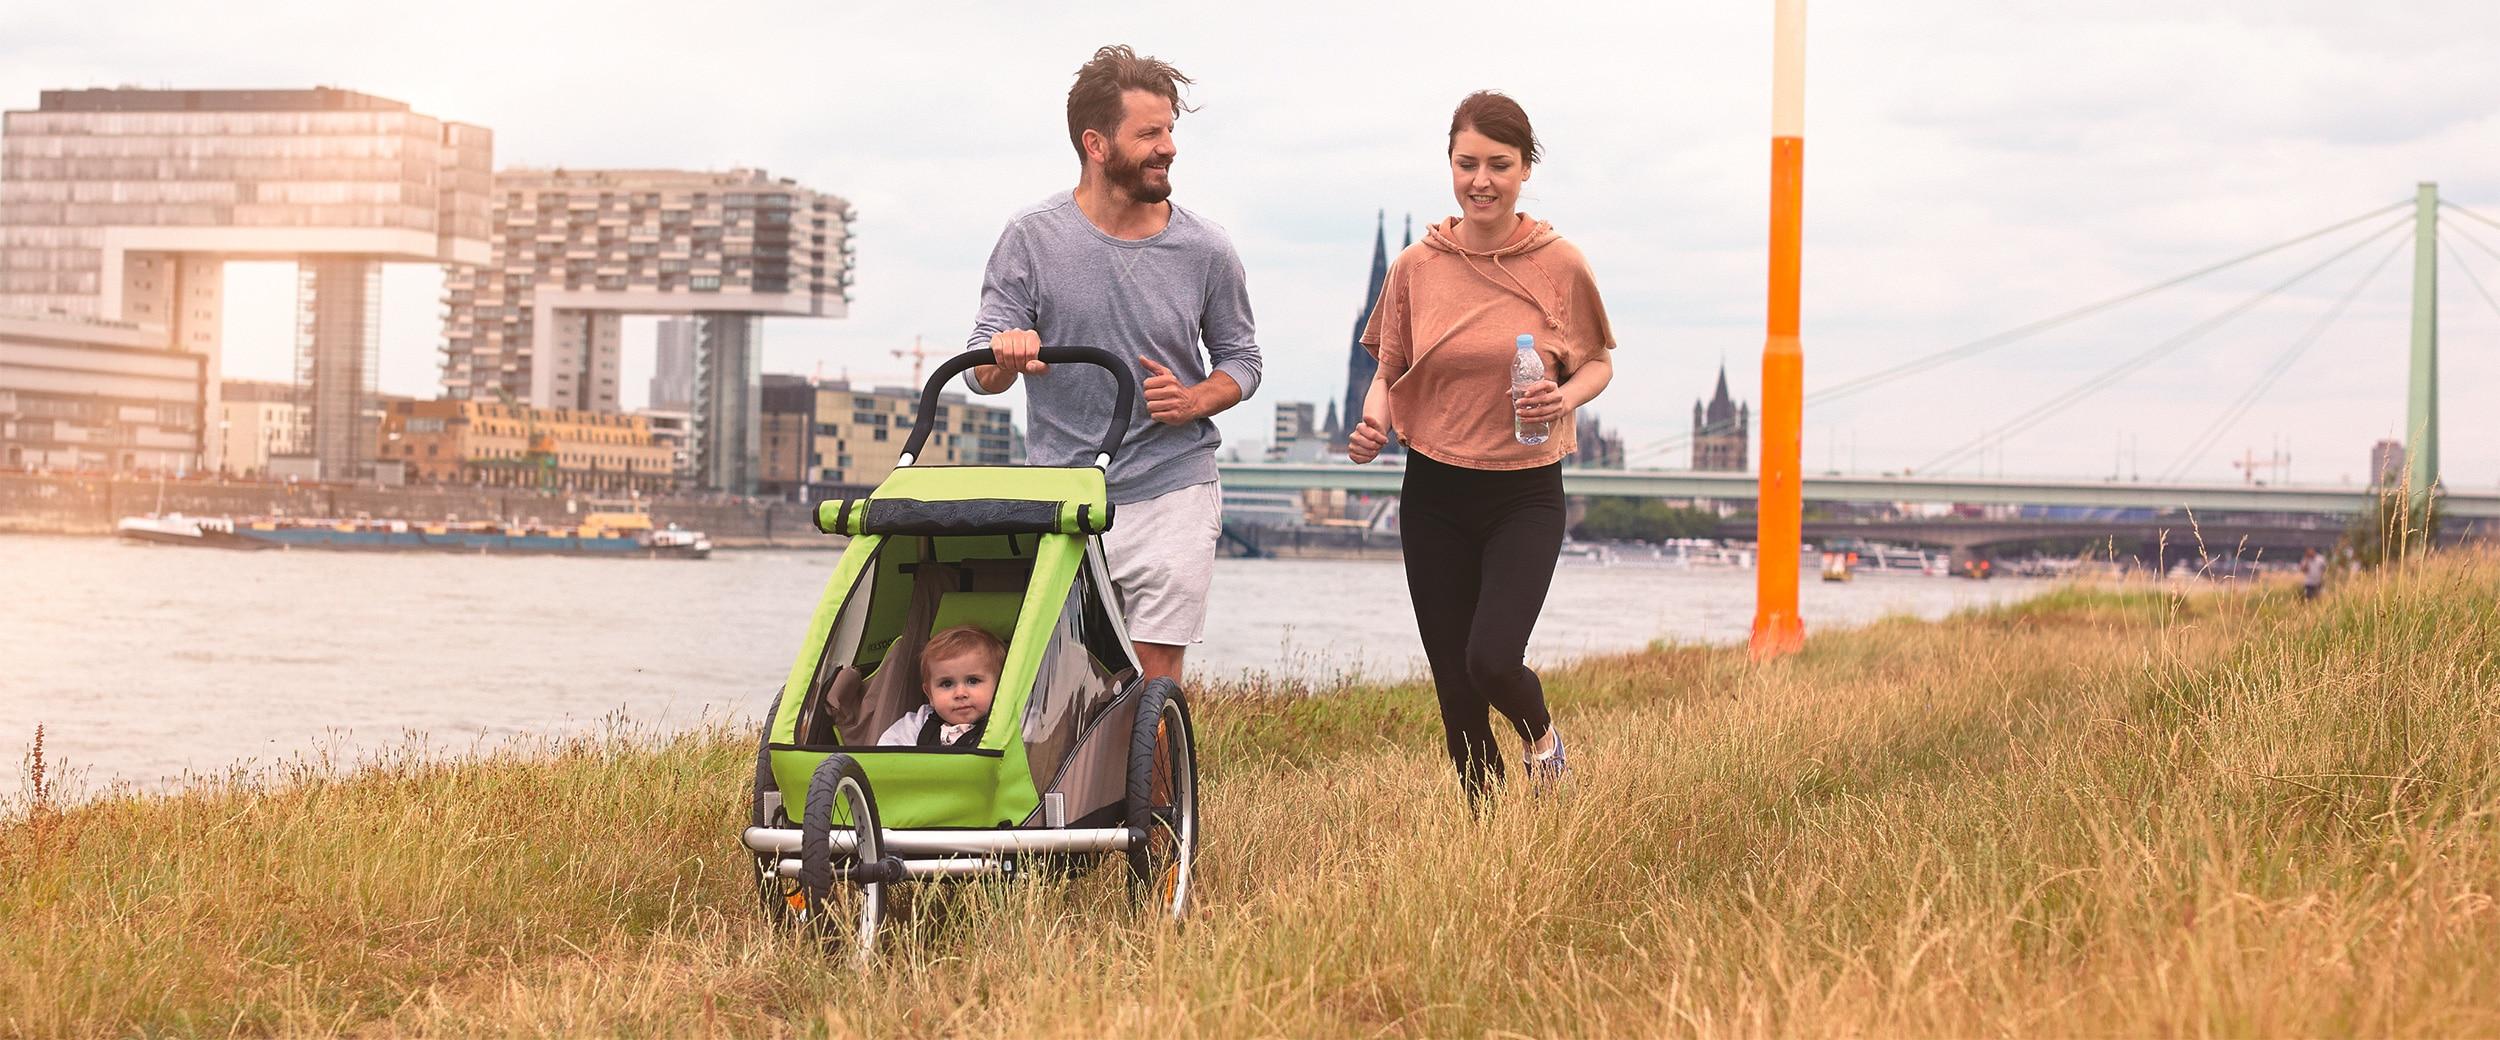 Pärchen geht am Rhein in Köln mit Kind im Croozer spazieren.